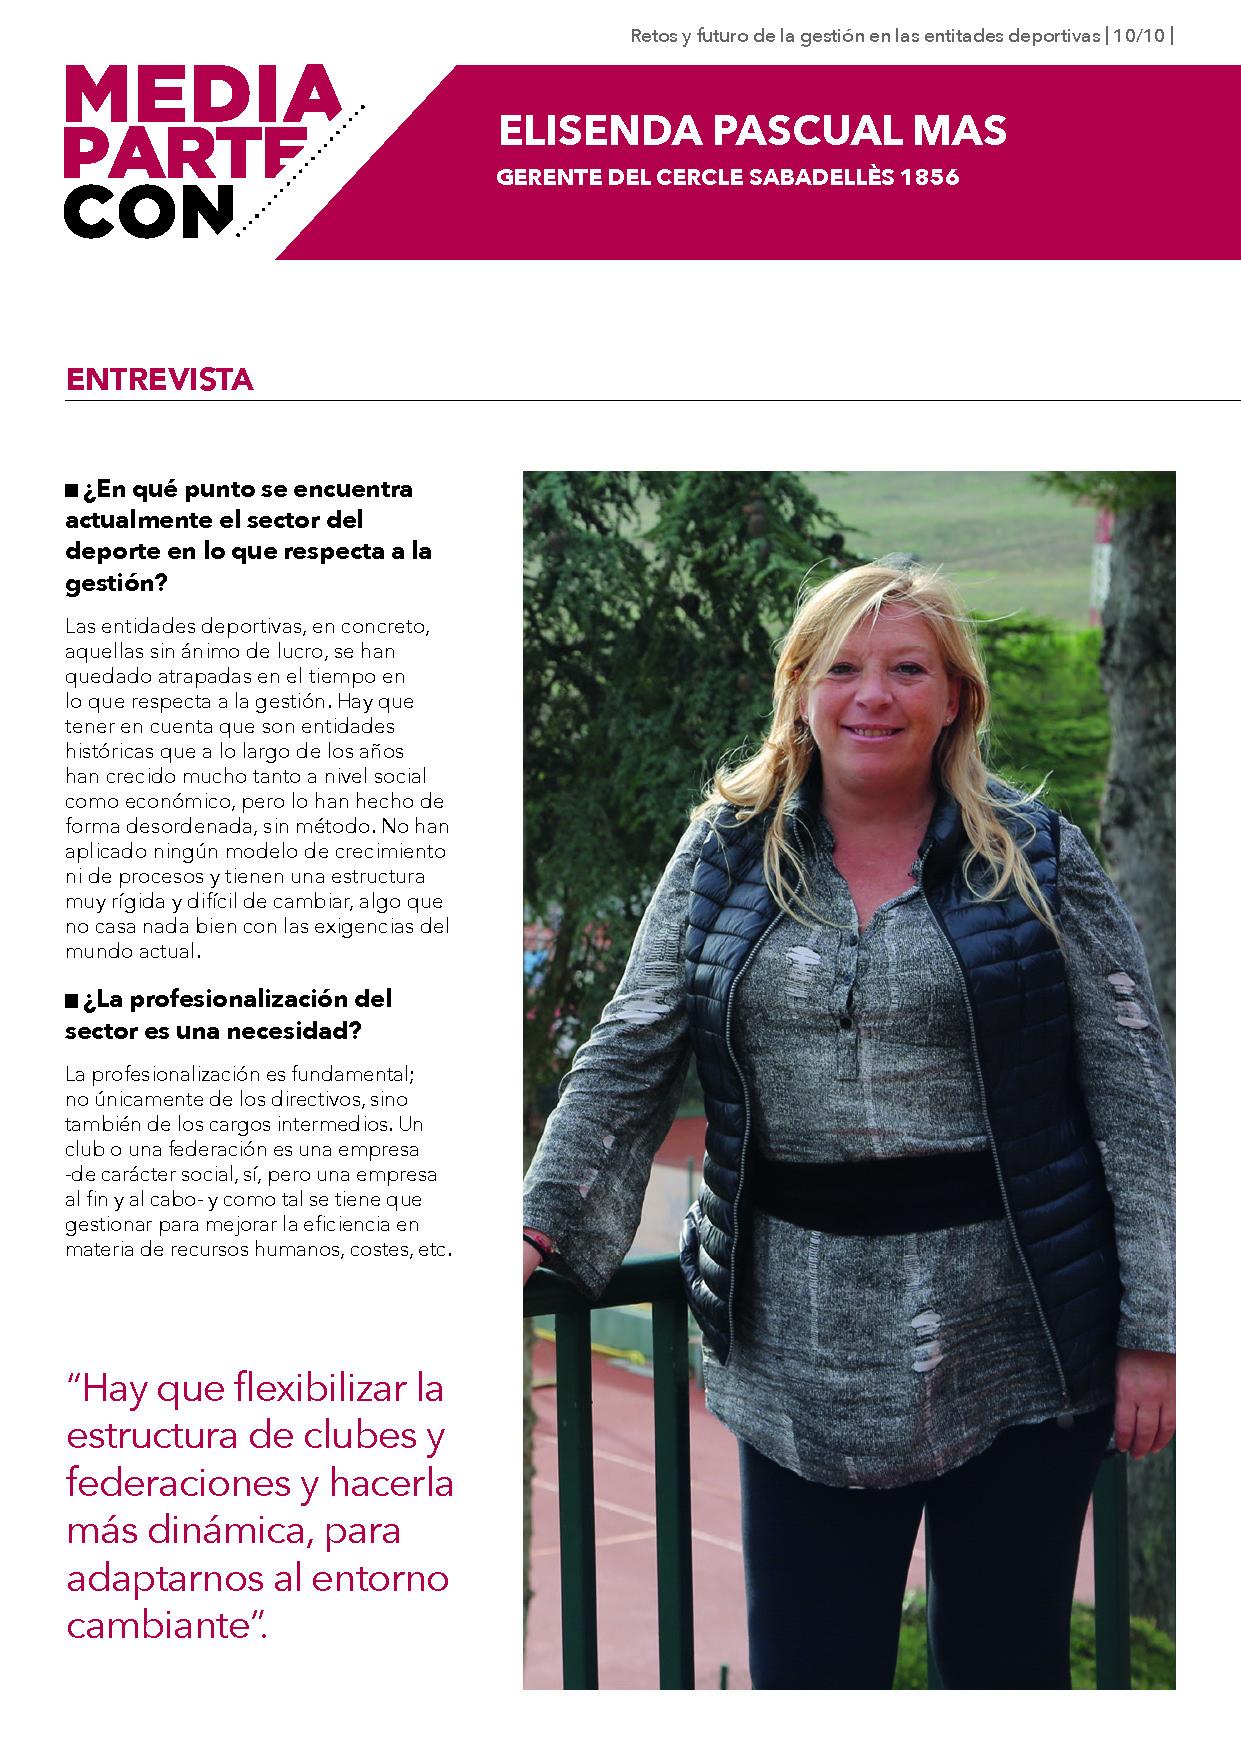 Entrevista Elisenda Pascual